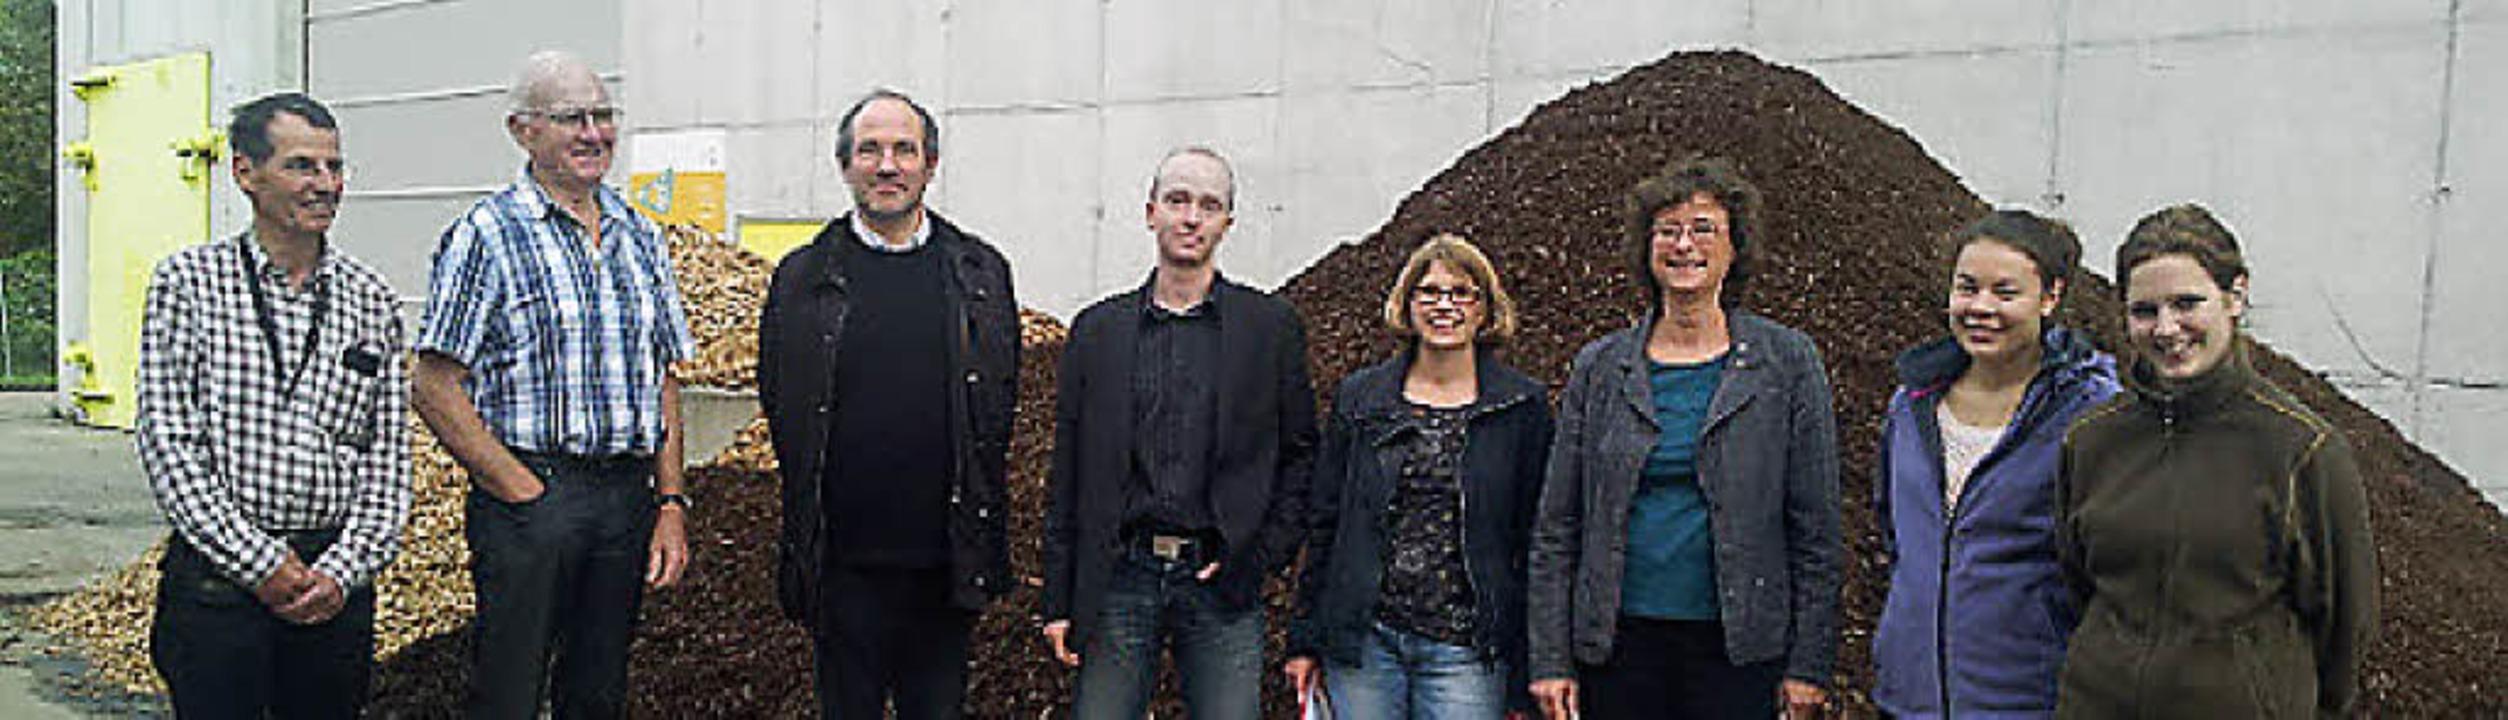 Exkursion zur Biomassevergärungsanlage in Pratteln.   | Foto: agendagruppe